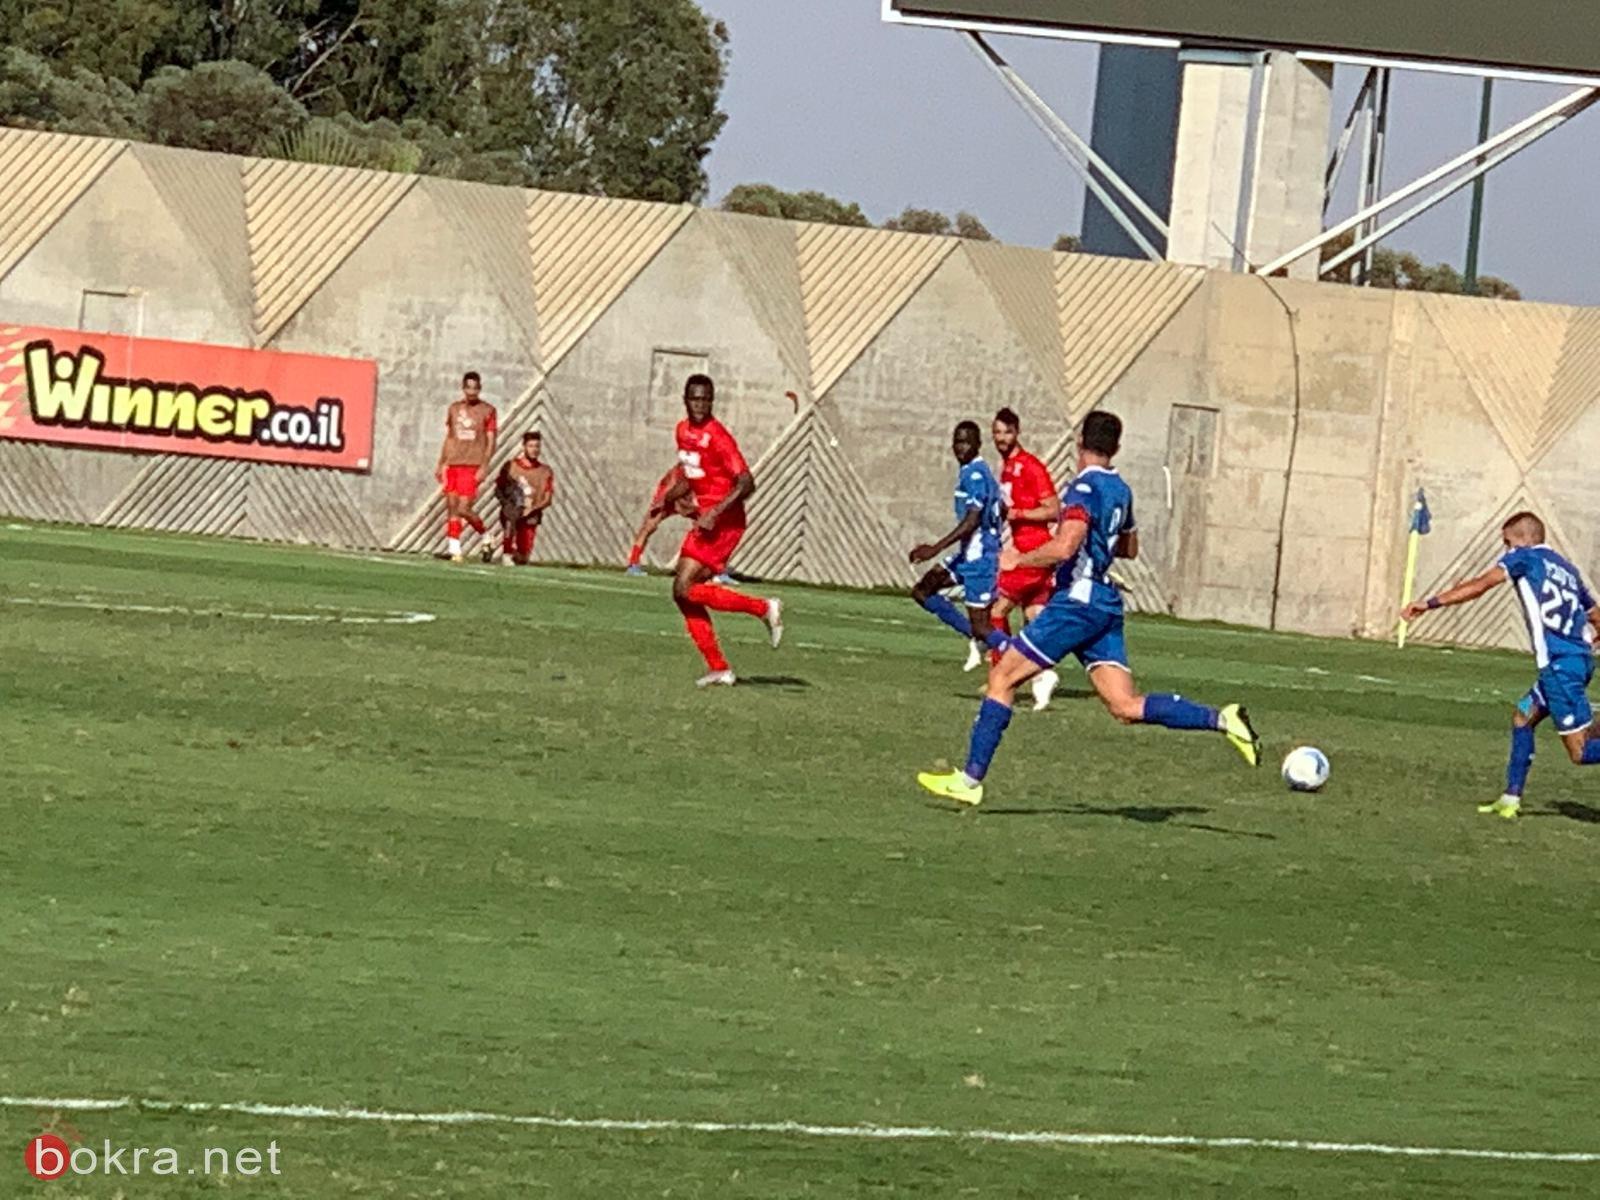 الاتحاد السخنيني يعود بنقطة ثمينة من لقائه مع فريق بيتار تل ابيب (1-1)